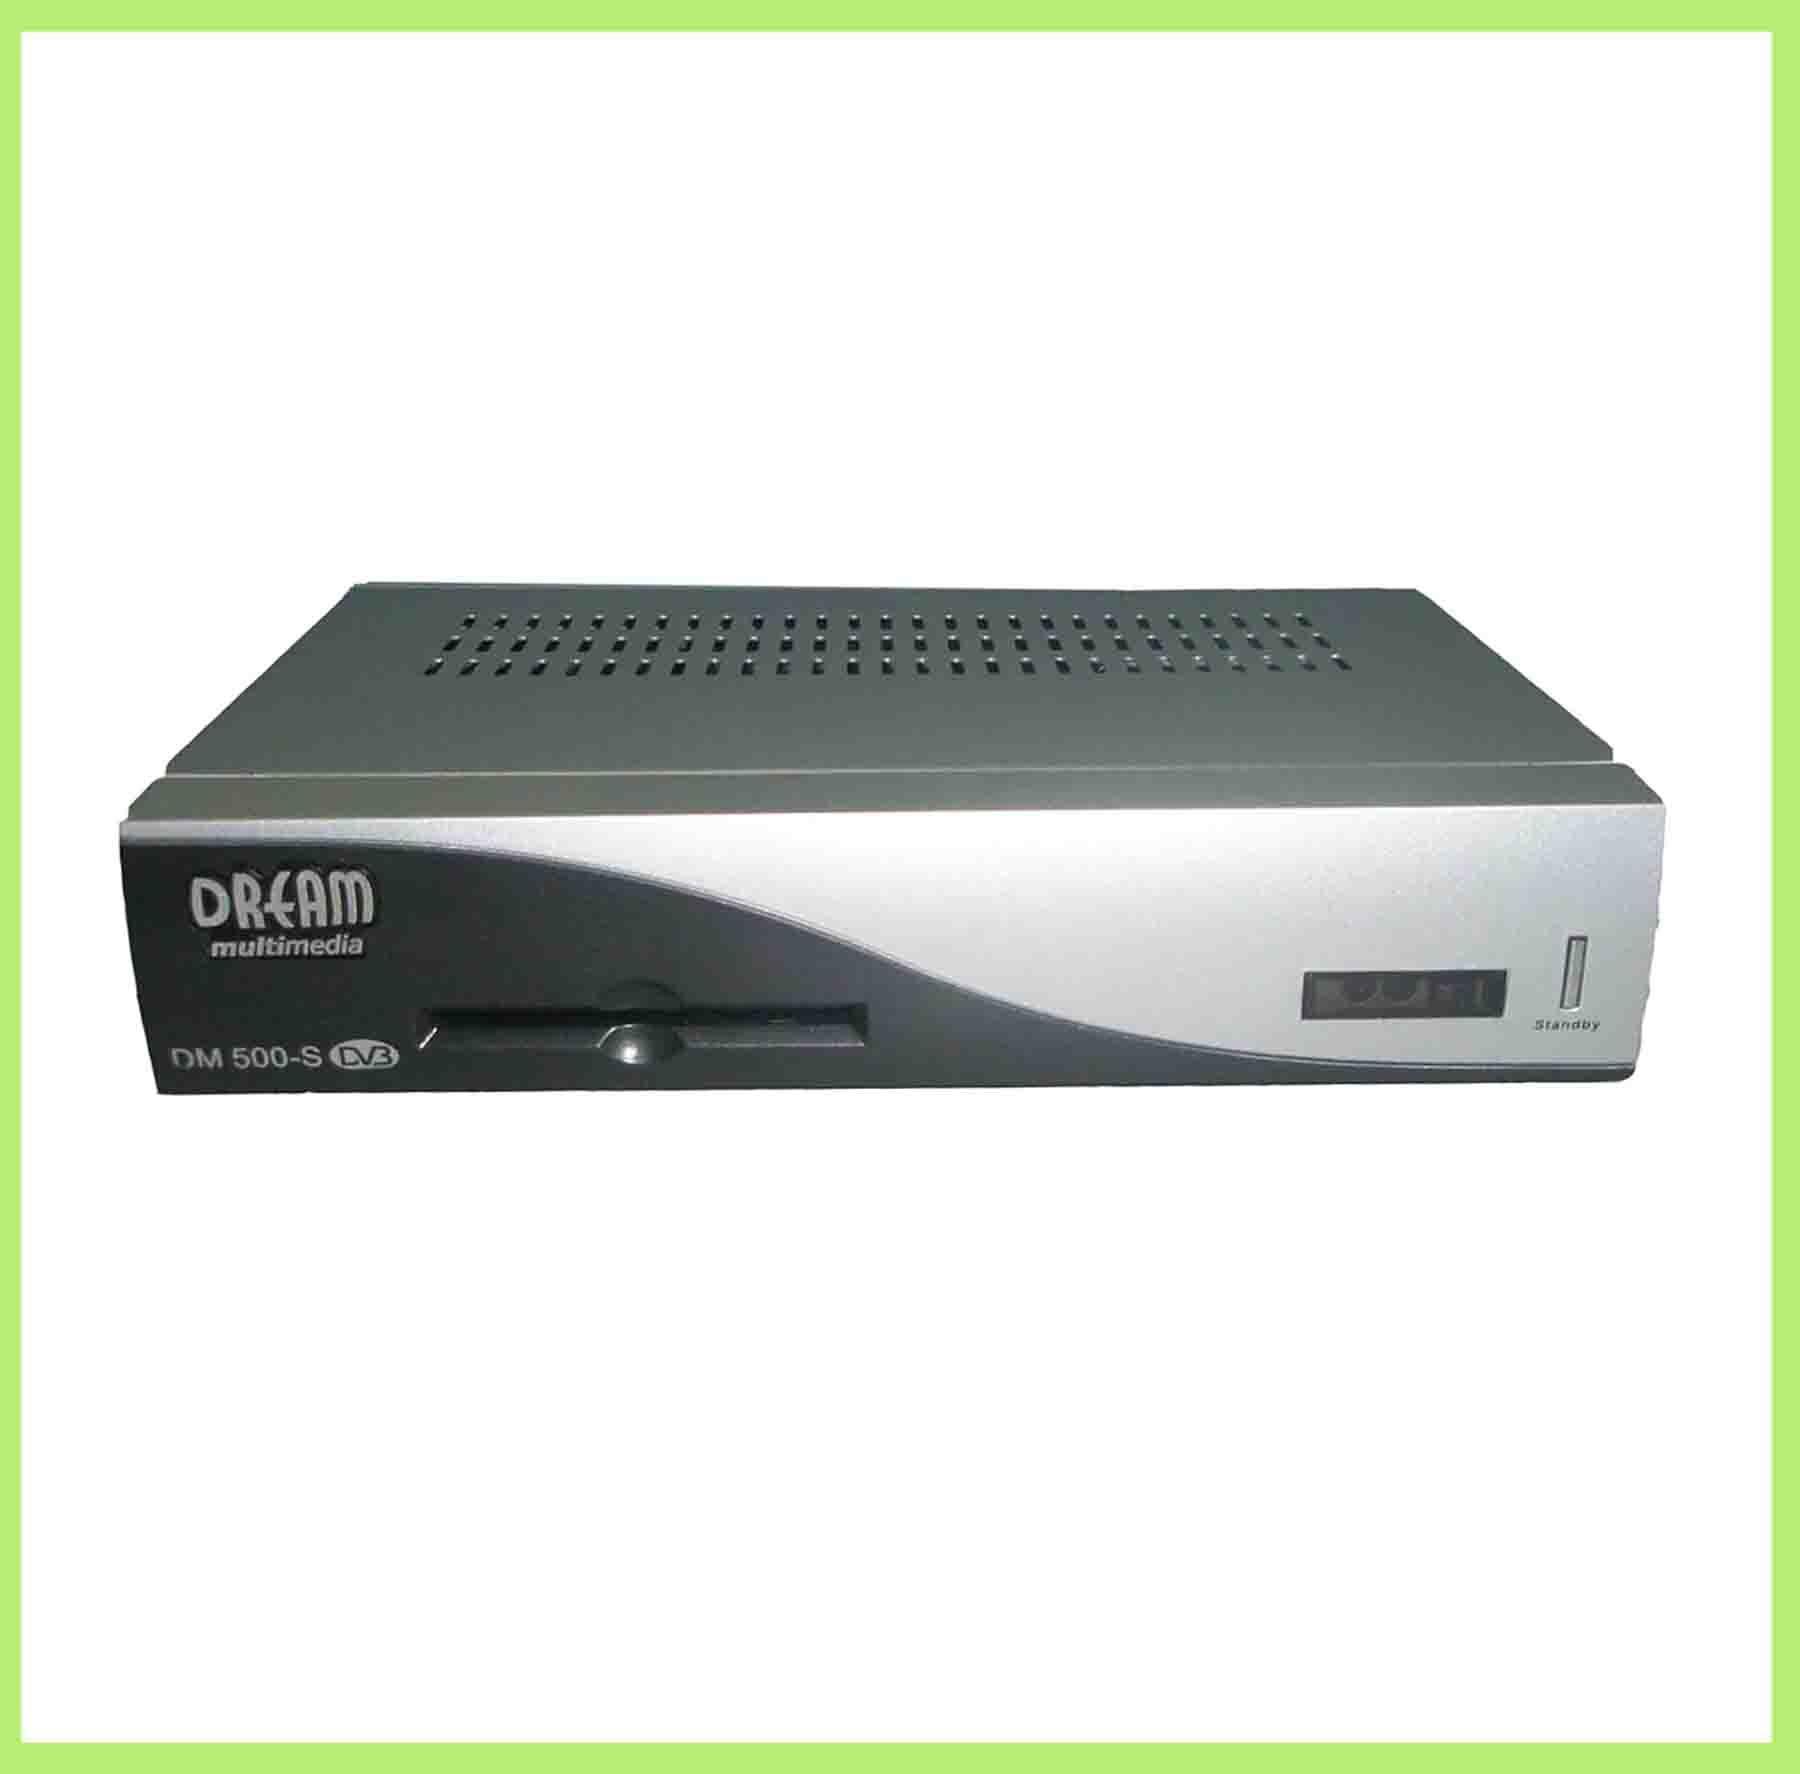 china digital satellite receiver dms500s china digital. Black Bedroom Furniture Sets. Home Design Ideas